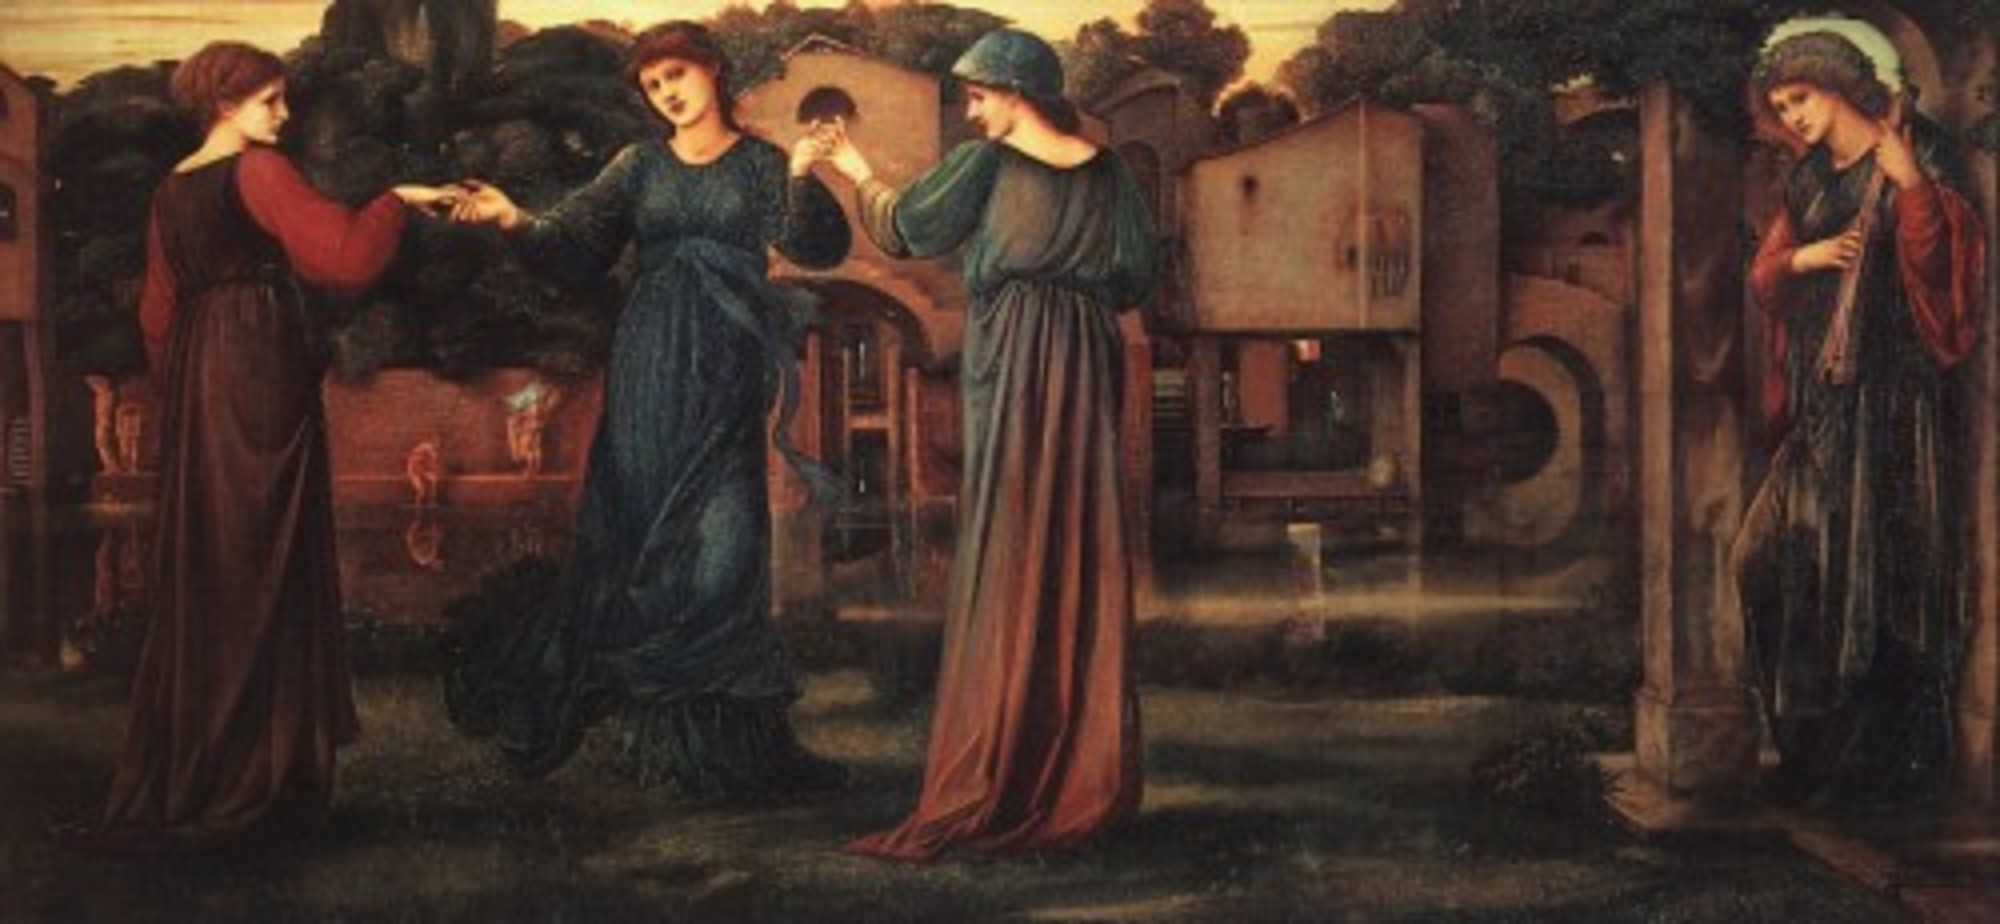 The_Mill_by_Edward_Burne-Jones.jpg